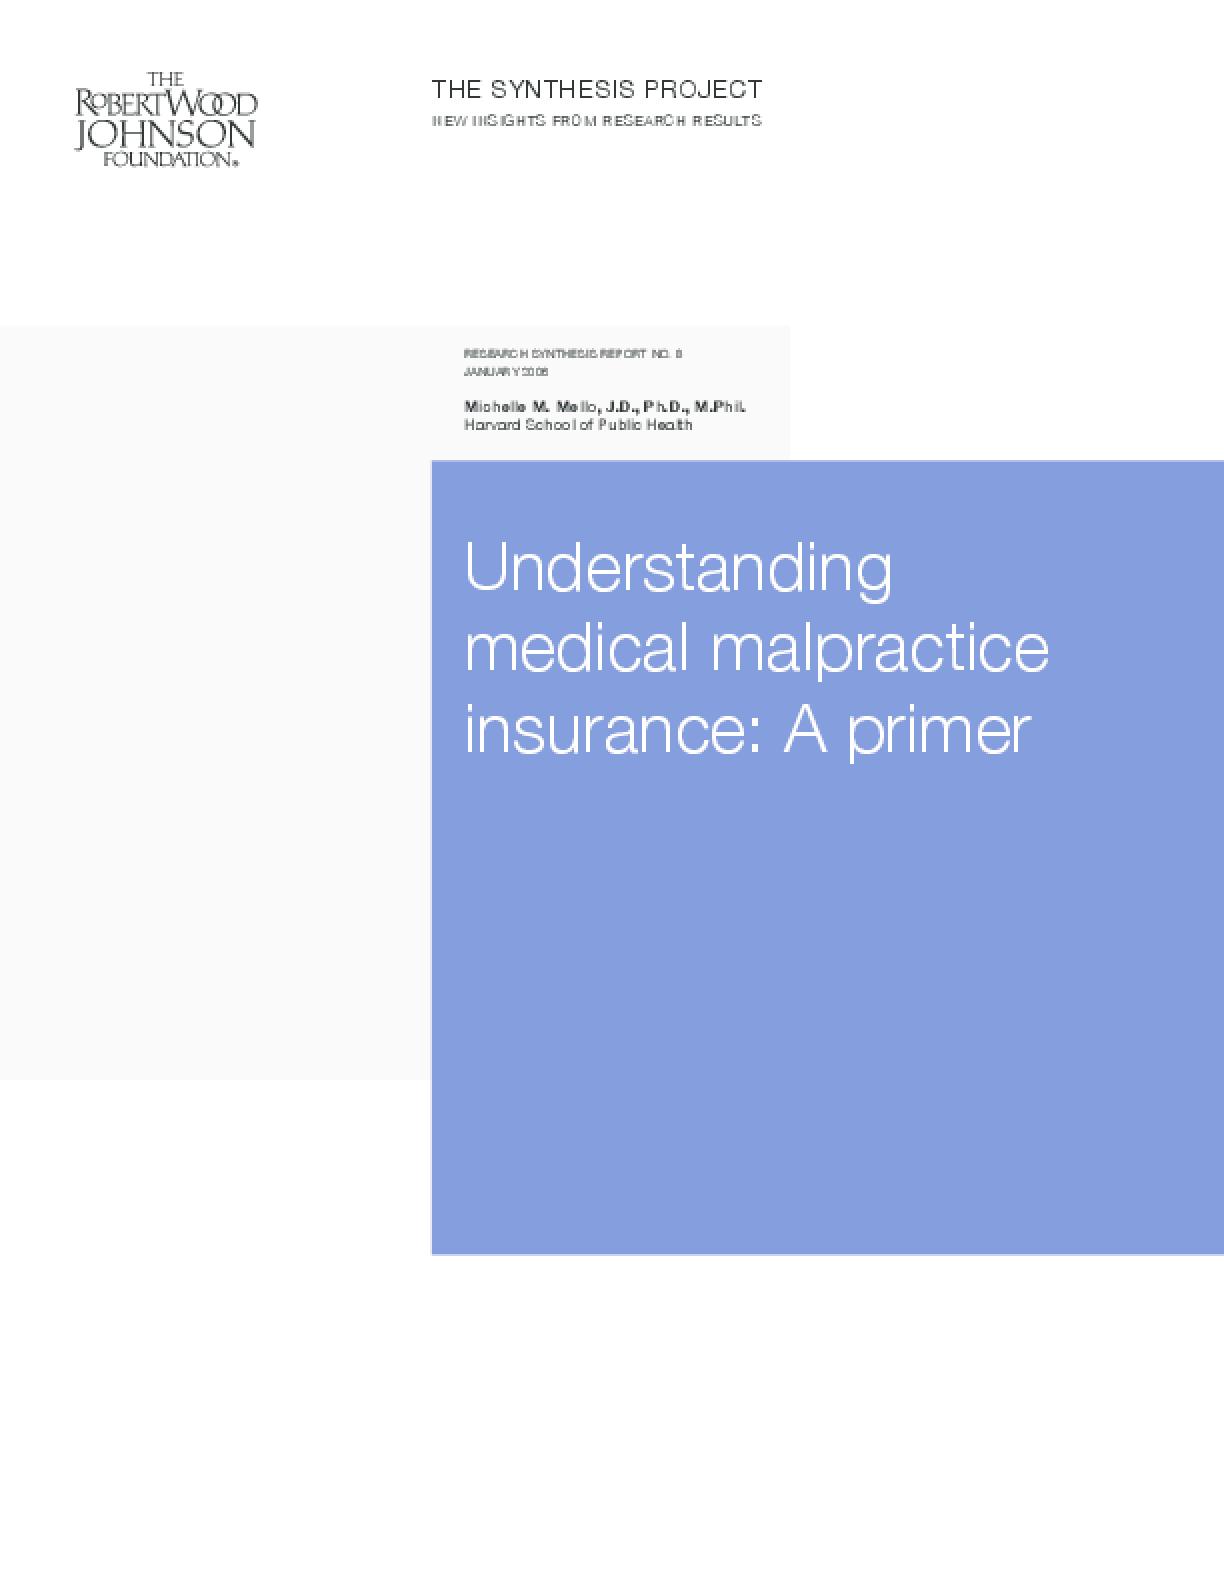 Understanding Medical Malpractice Insurance: A Primer